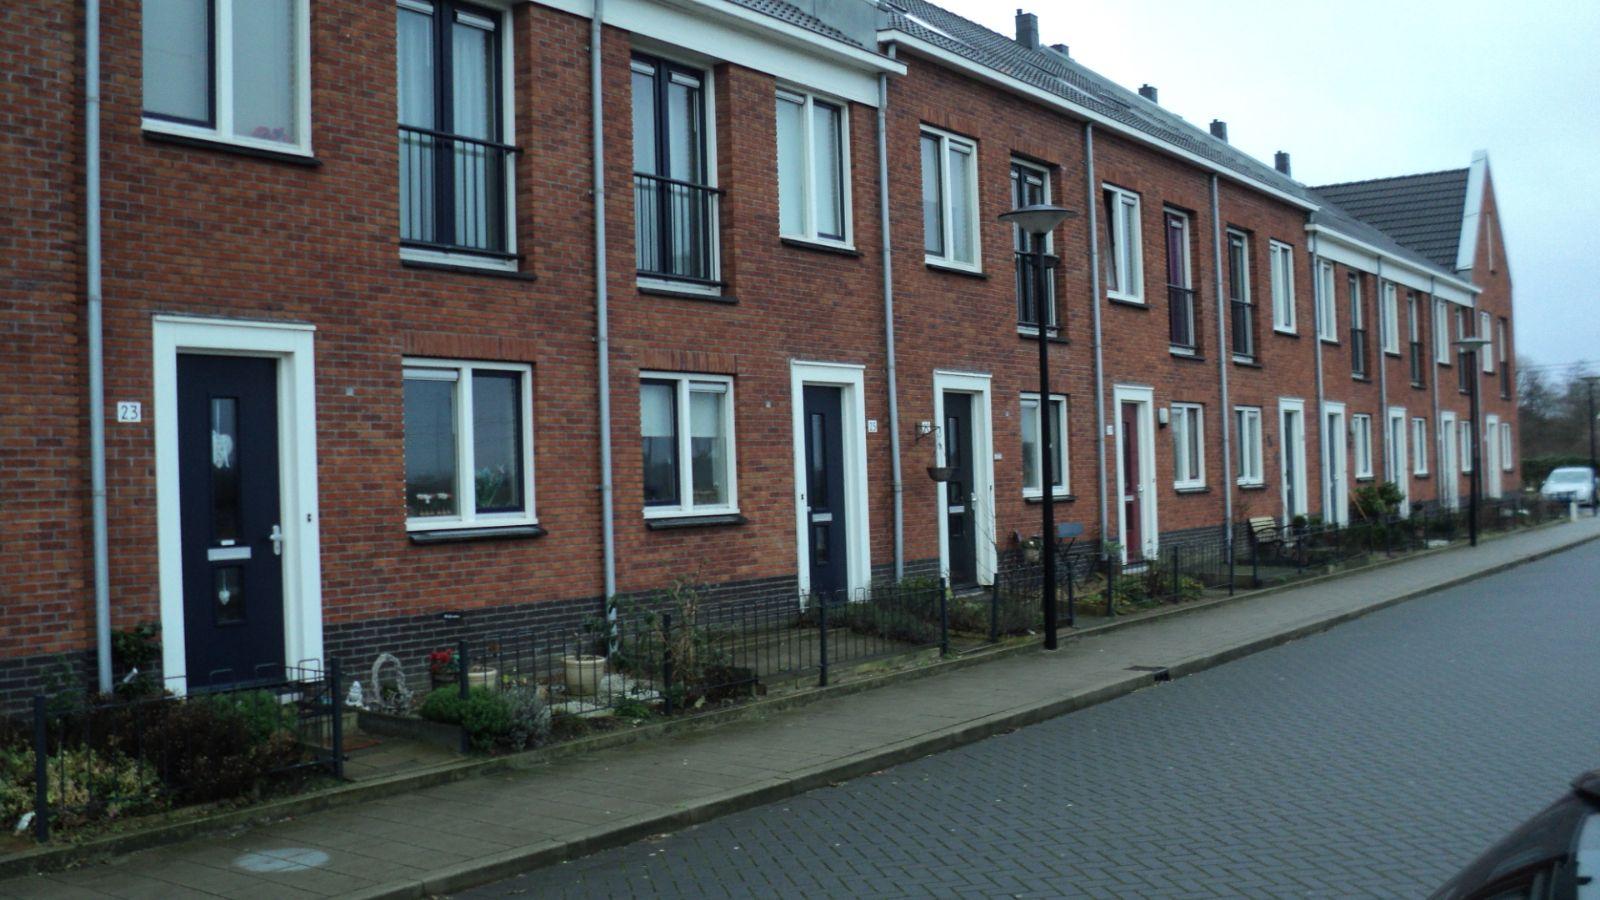 Totale timmerwerk, kappen, goten, stelwerk etc. aangenomen voor 223 woningen Beverwijk.